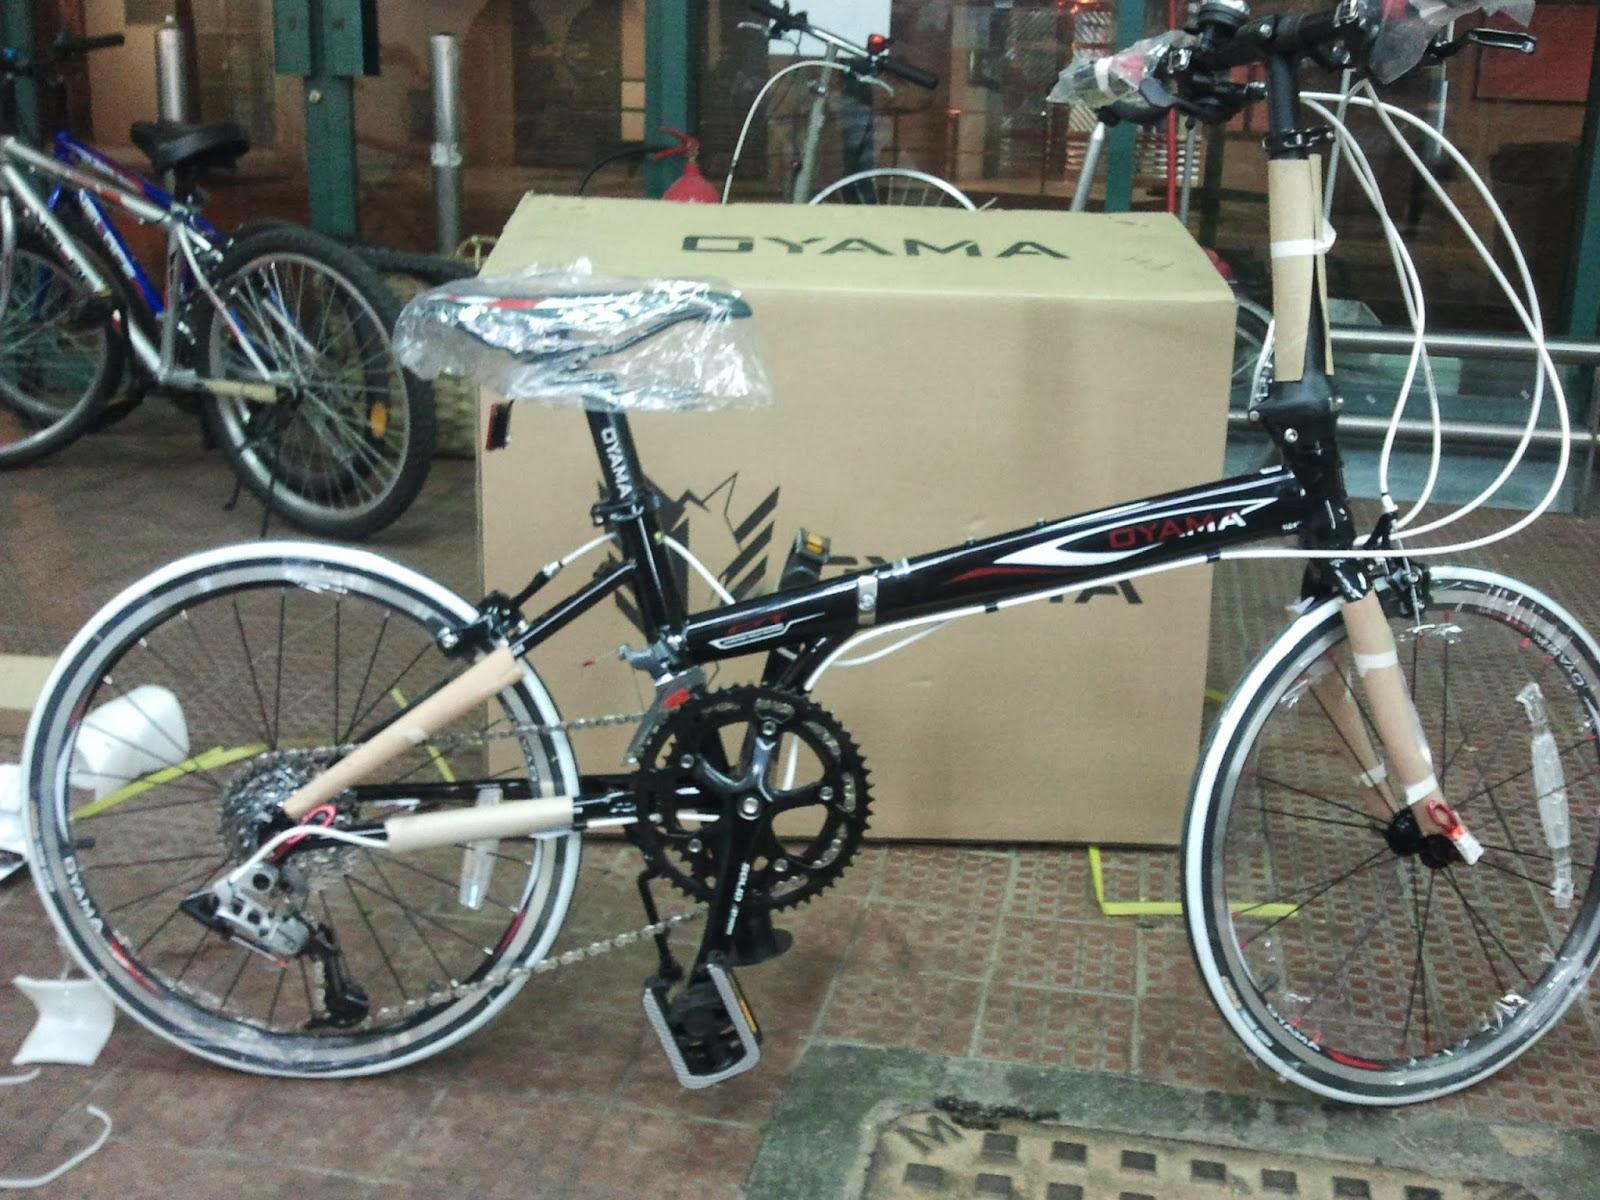 Beverly Cycle 富康單車: 將軍澳富康單車 - OYAMA CR16 摺車 (最新版)